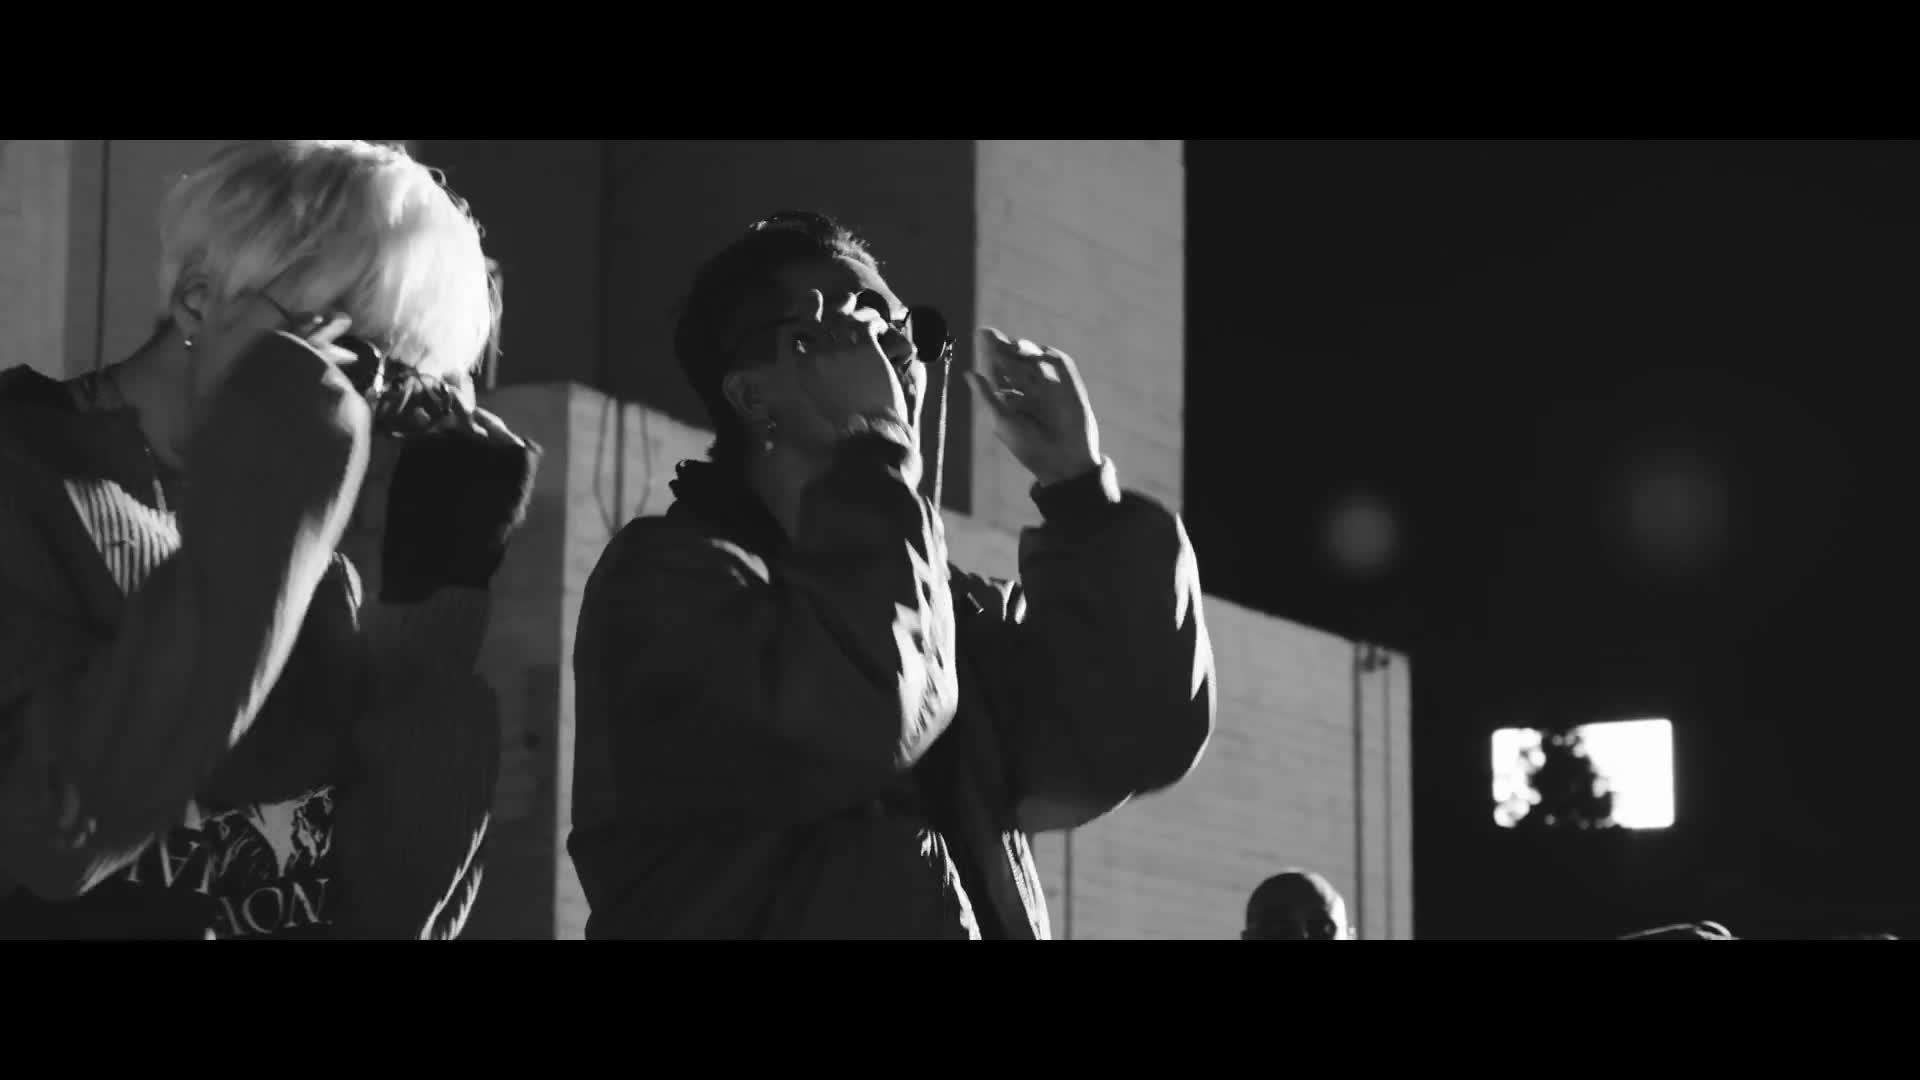 Nhạc hay  MV chất: Cuối cùng 'con ghẻ' WINNER cũng đã trở lại rồi! ảnh 2